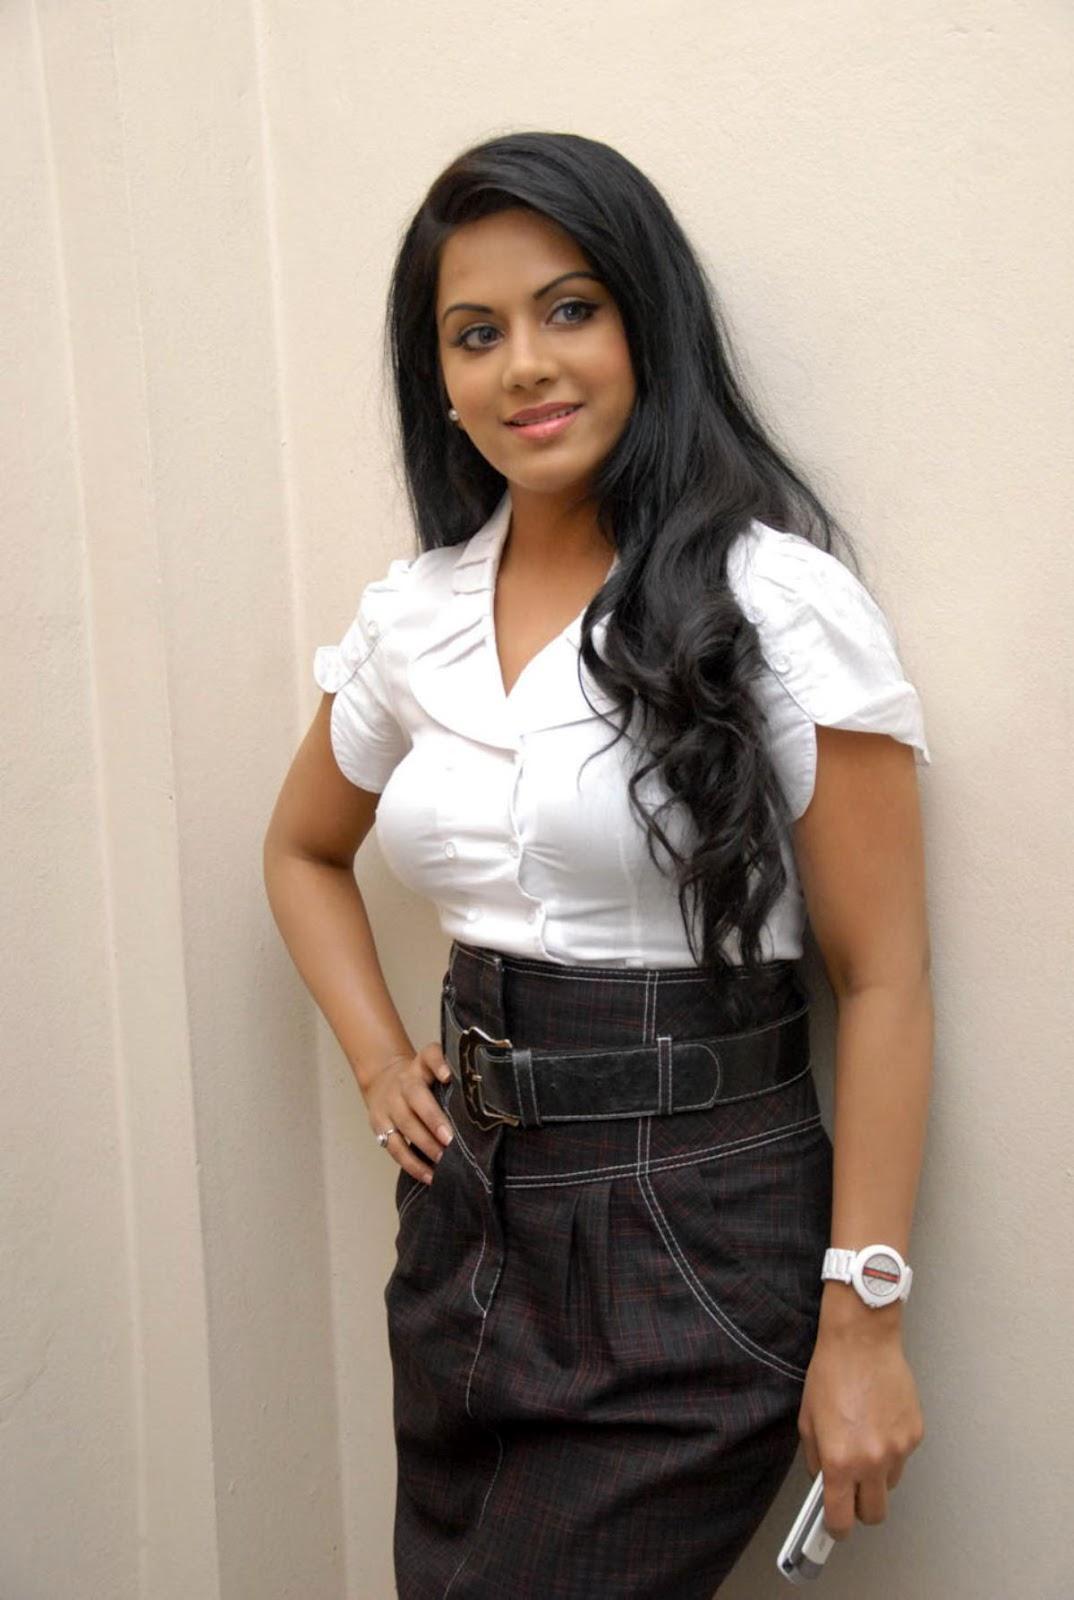 ரக்ஷனா மௌரியா | RACHANA MOURYA Rachan12